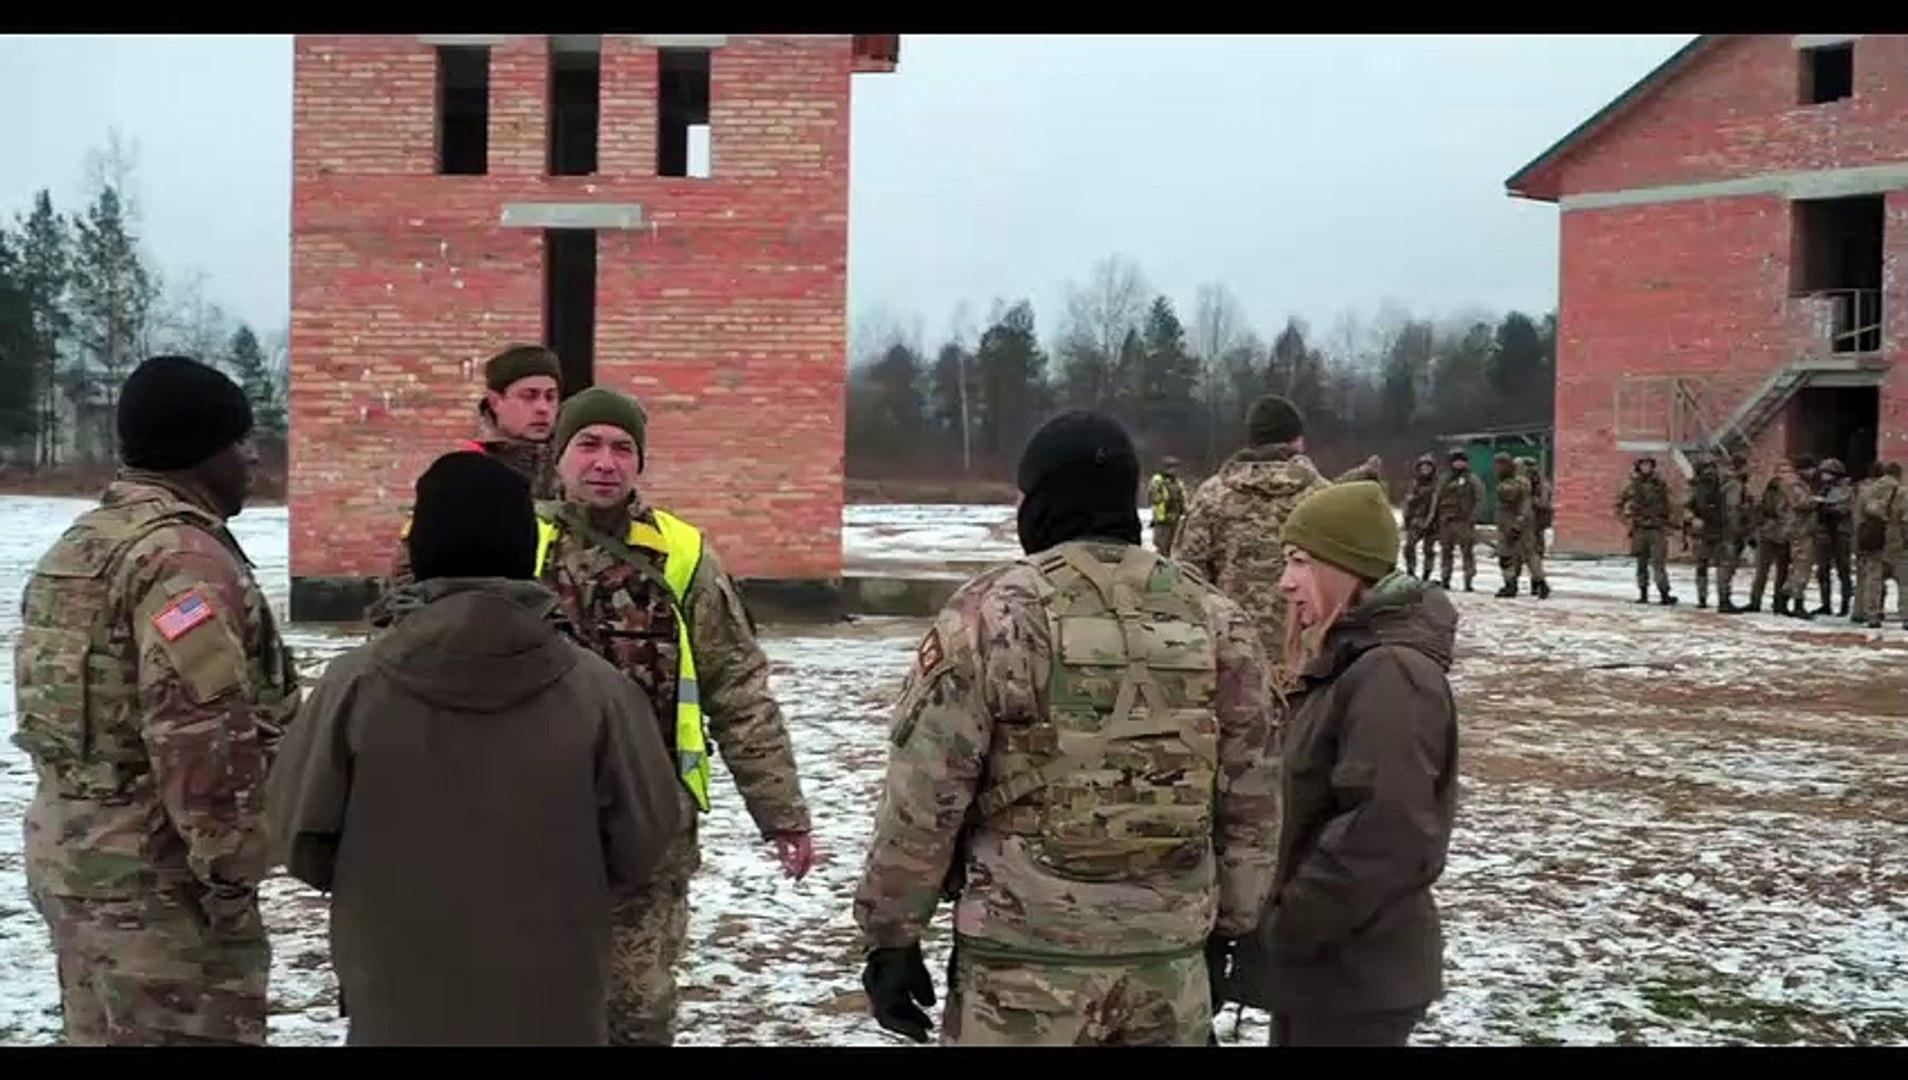 Ukraine's Motorfile Brigade • Training Exercises • Lviv, Ukraine • 12 Dec 2020